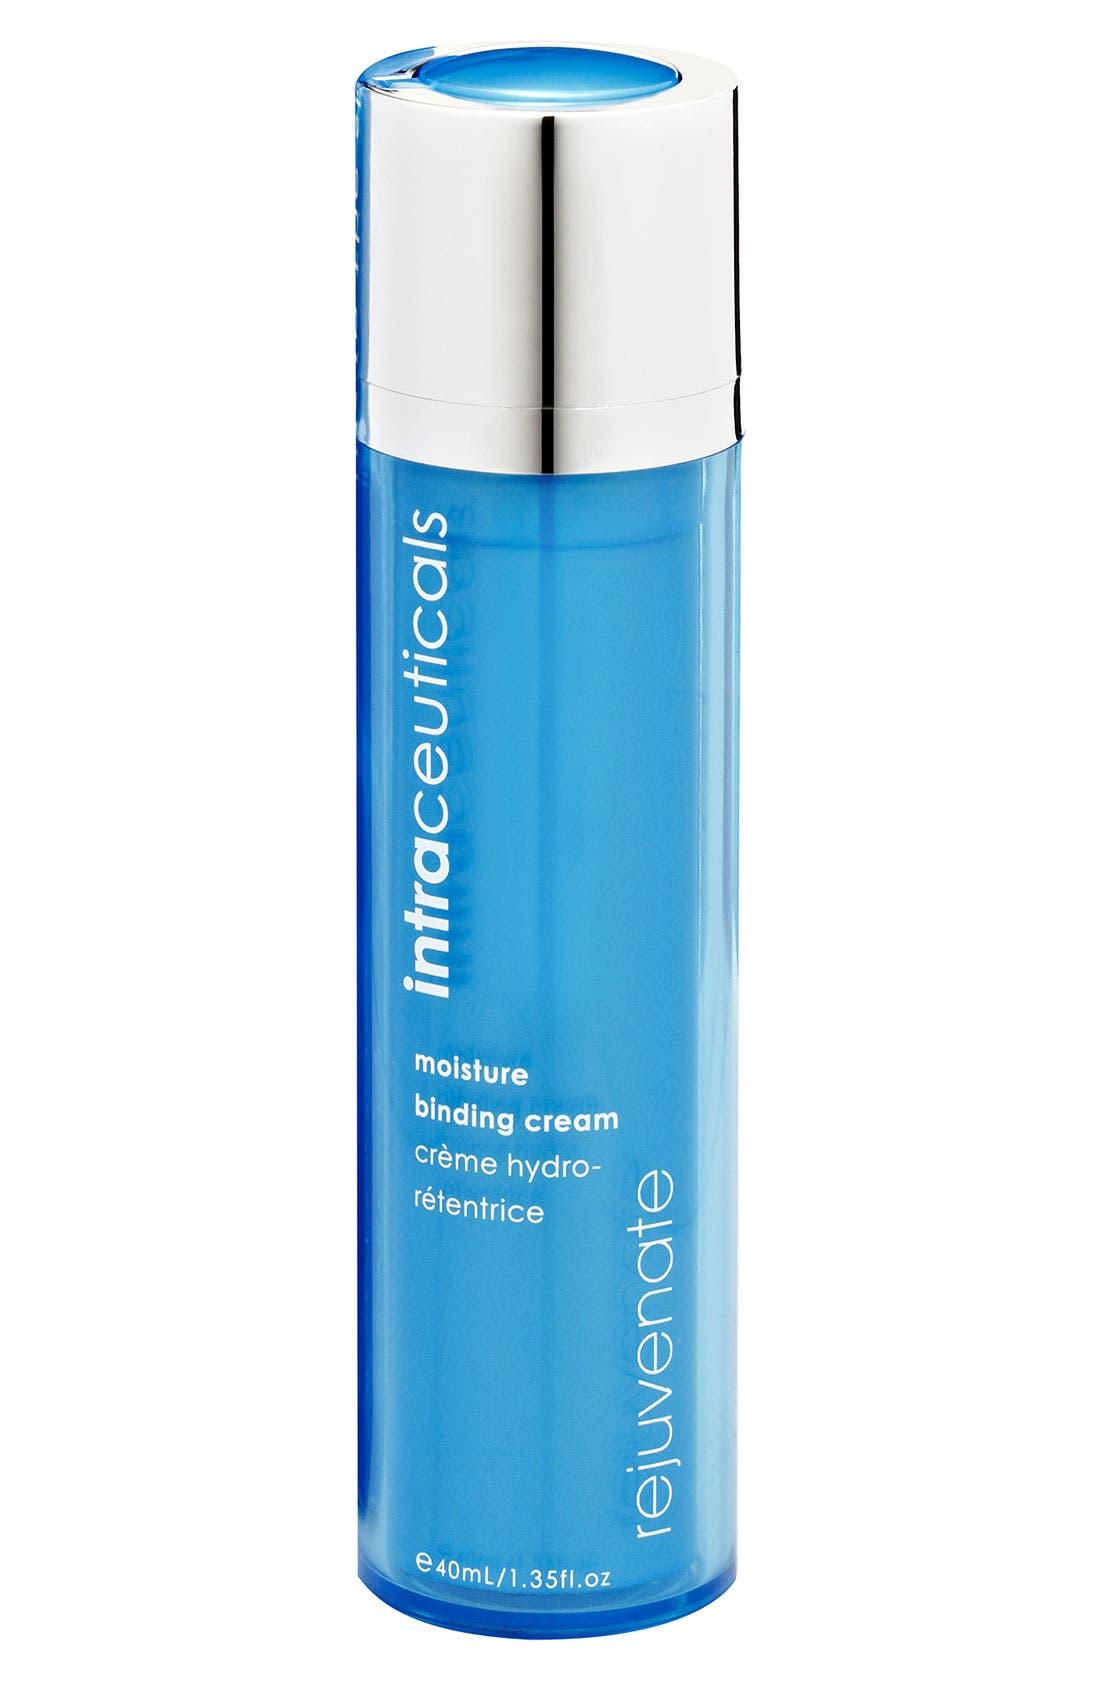 intraceuticals® 'Rejuvenate' Moisture Binding Cream